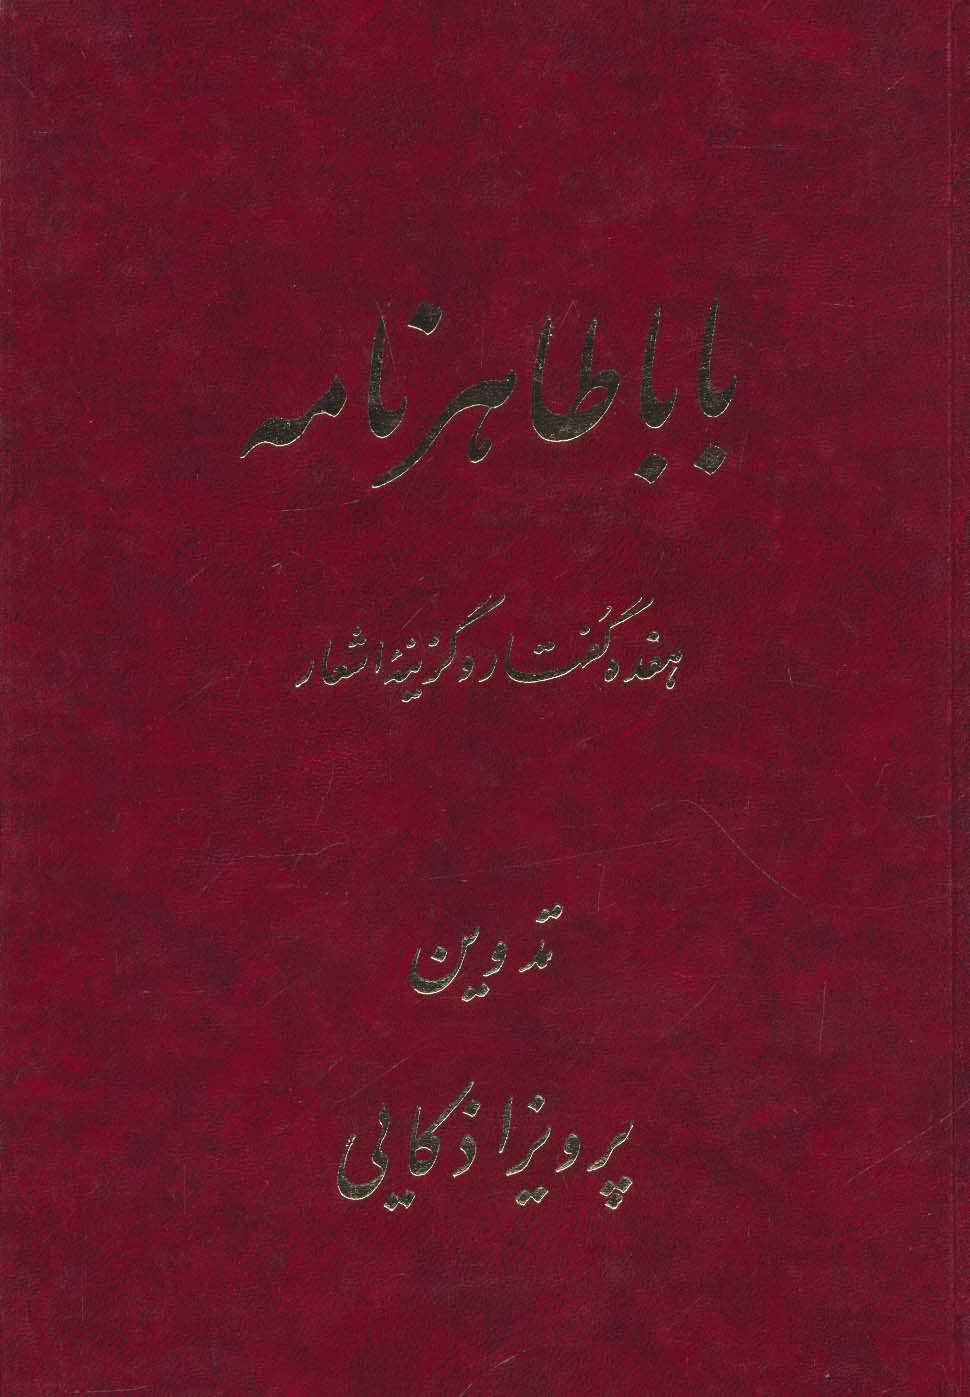 بابا طاهر نامه (هفده گفتار و گزینه اشعار)